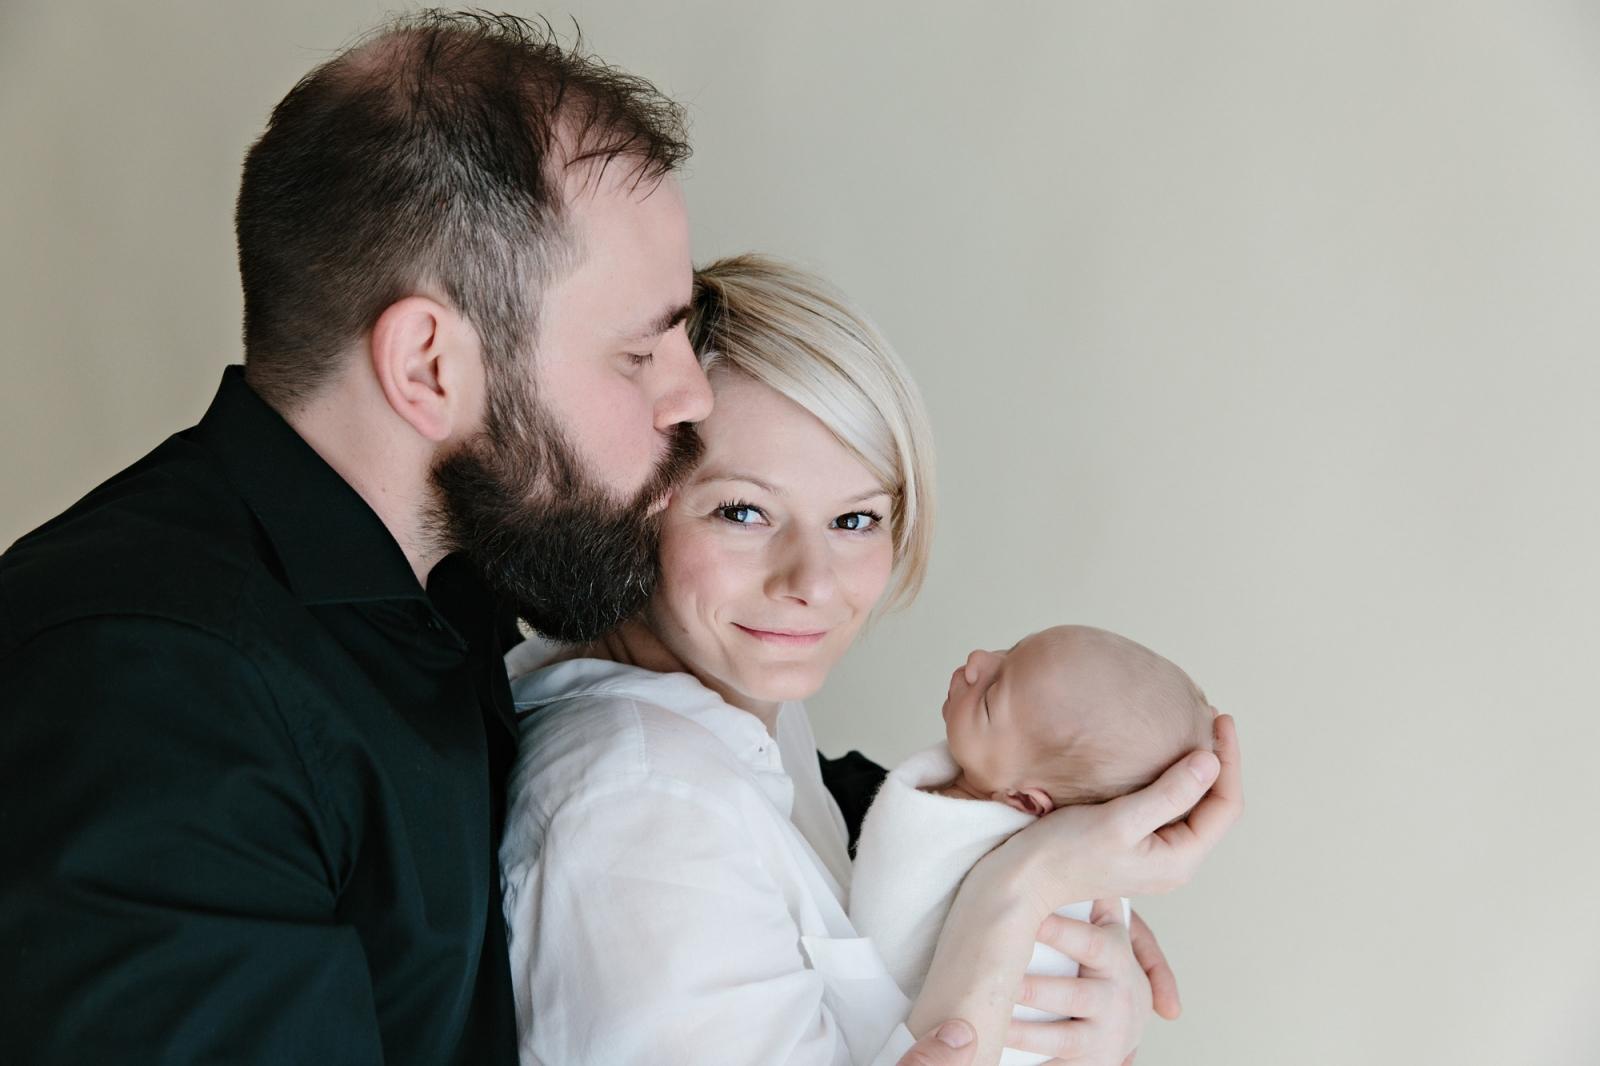 Baby Bliss | Babyfotos mit Mama und Papa | Catherine Schmitt Photographie // www.catherineschmitt.de